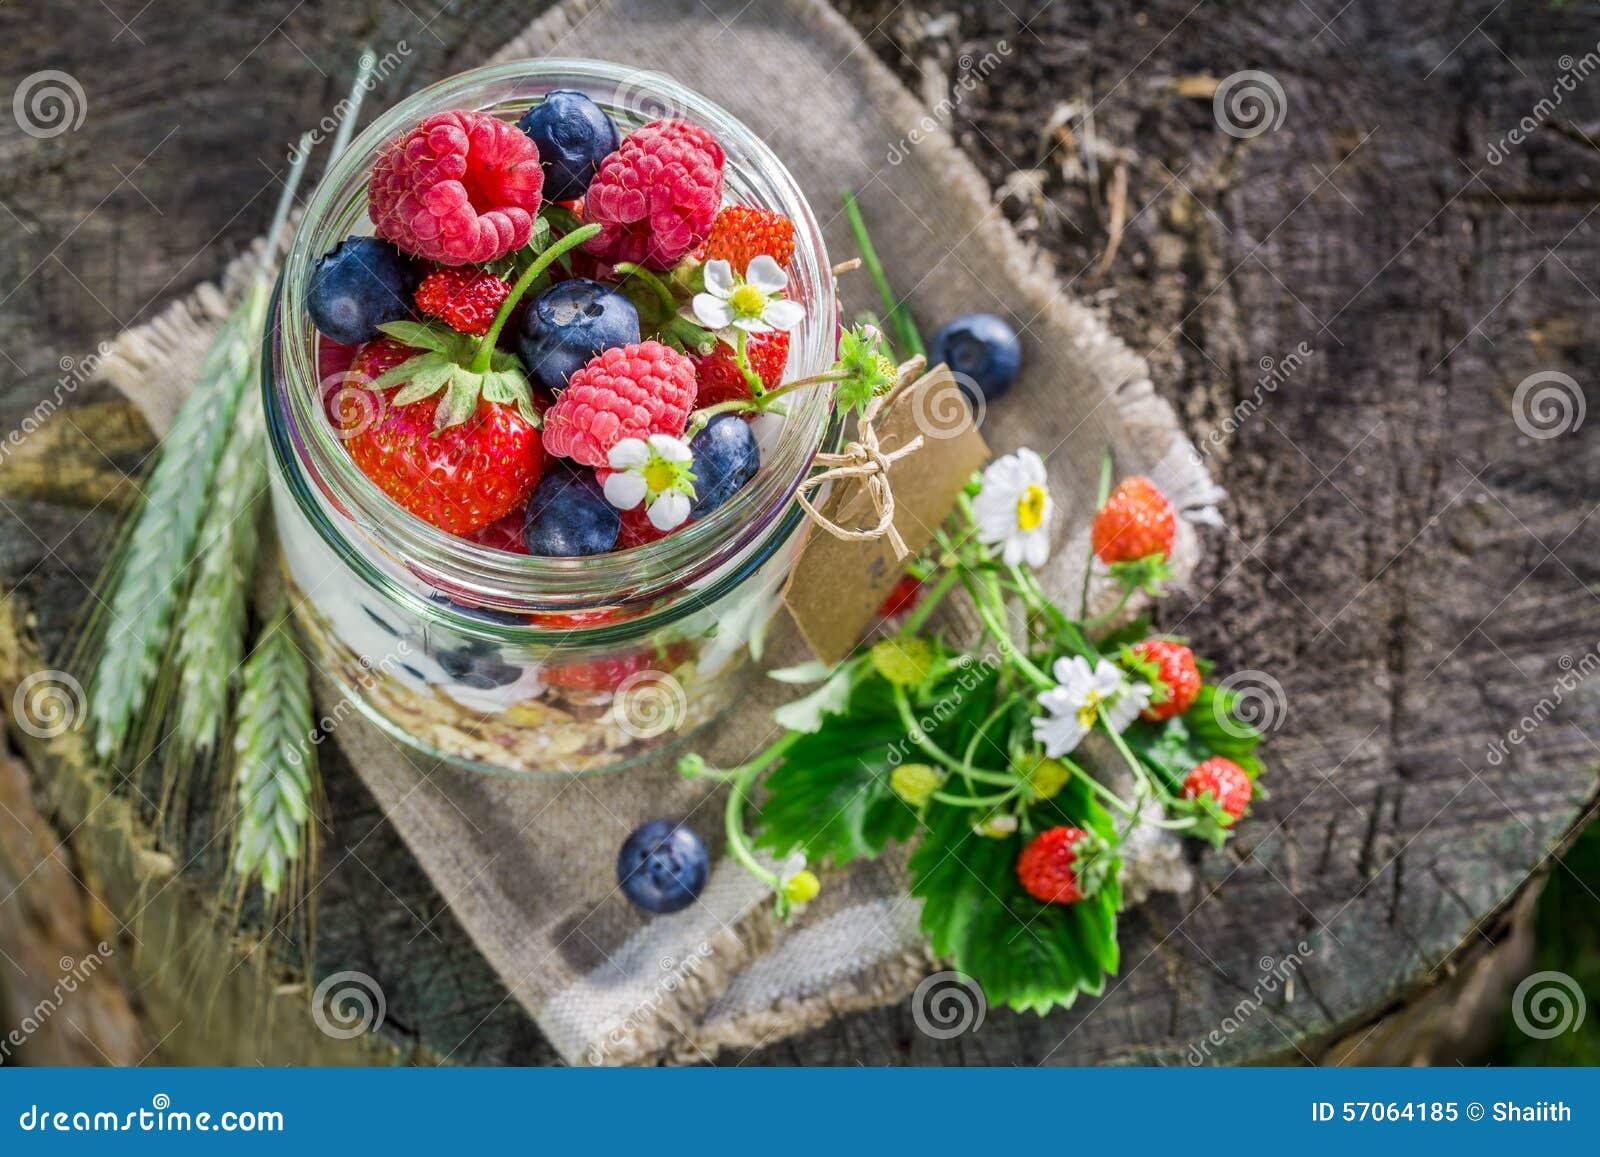 Verse muesli met bessen en yoghurt in tuin